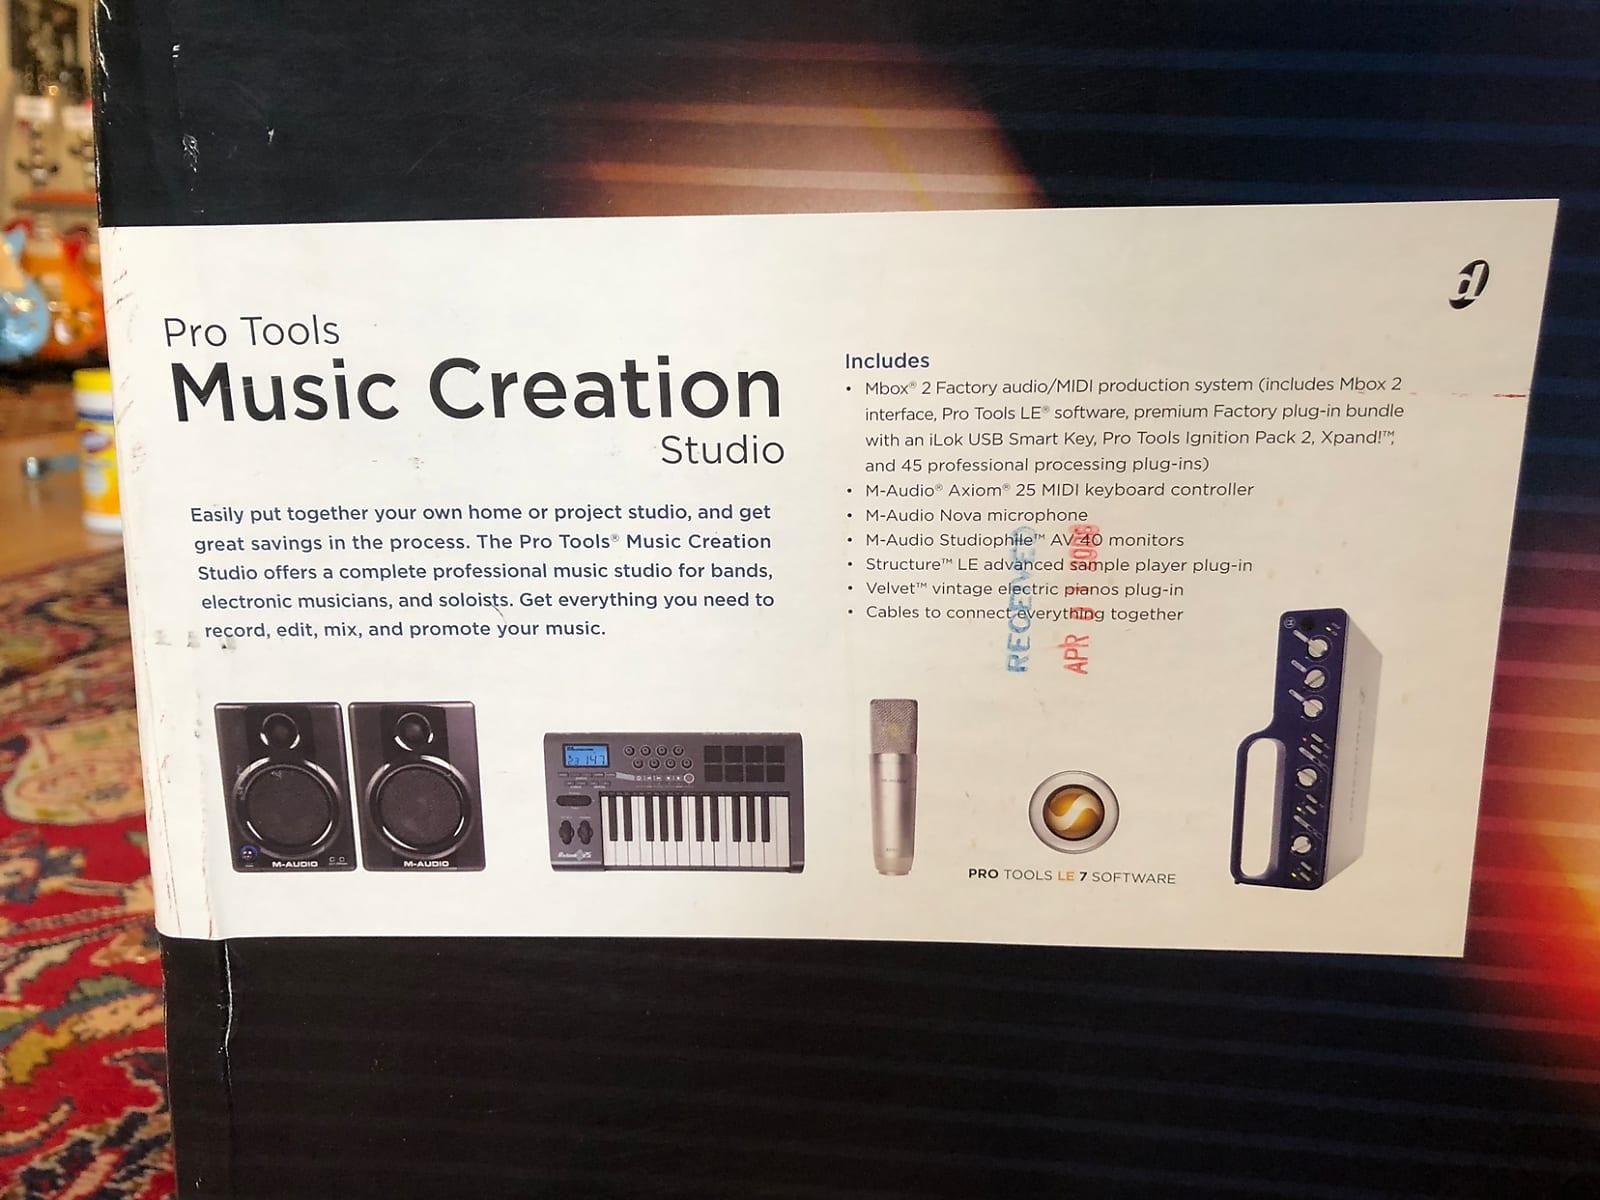 M-Audio Pro Tools Music Creation Studio